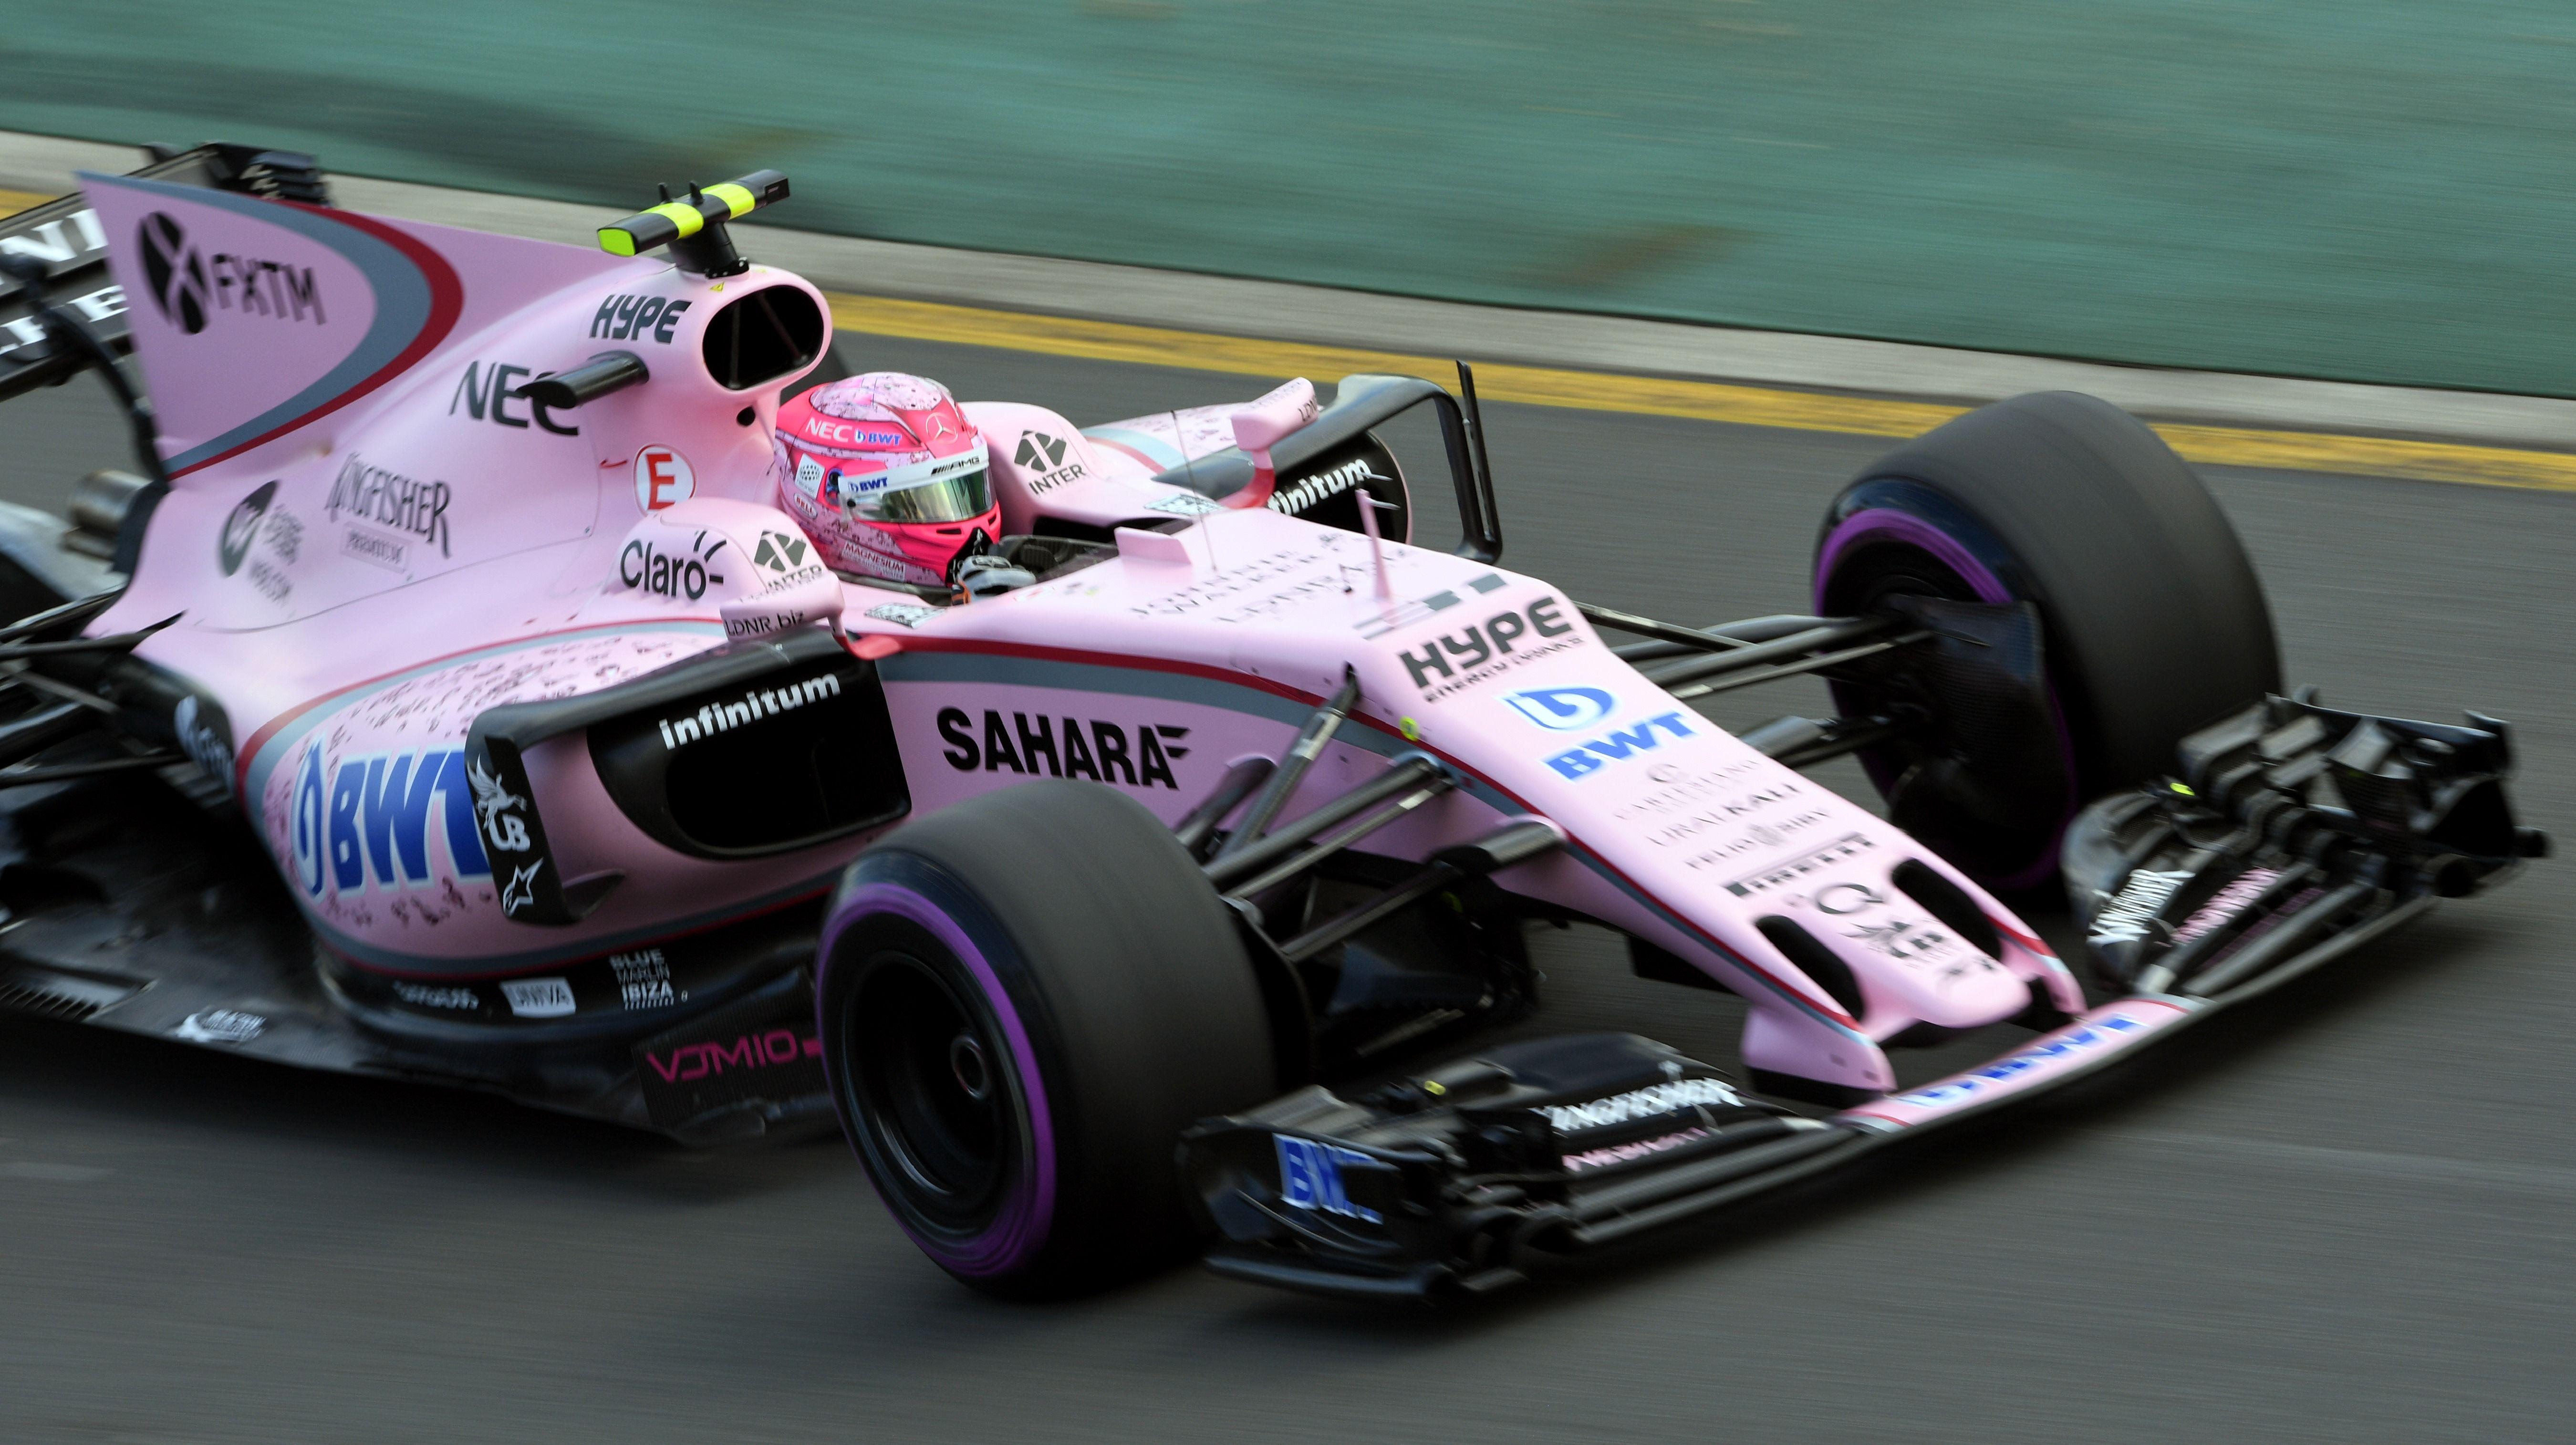 Auto/Moto - Le superbe dépassement d'Esteban Ocon sur Fernando Alonso